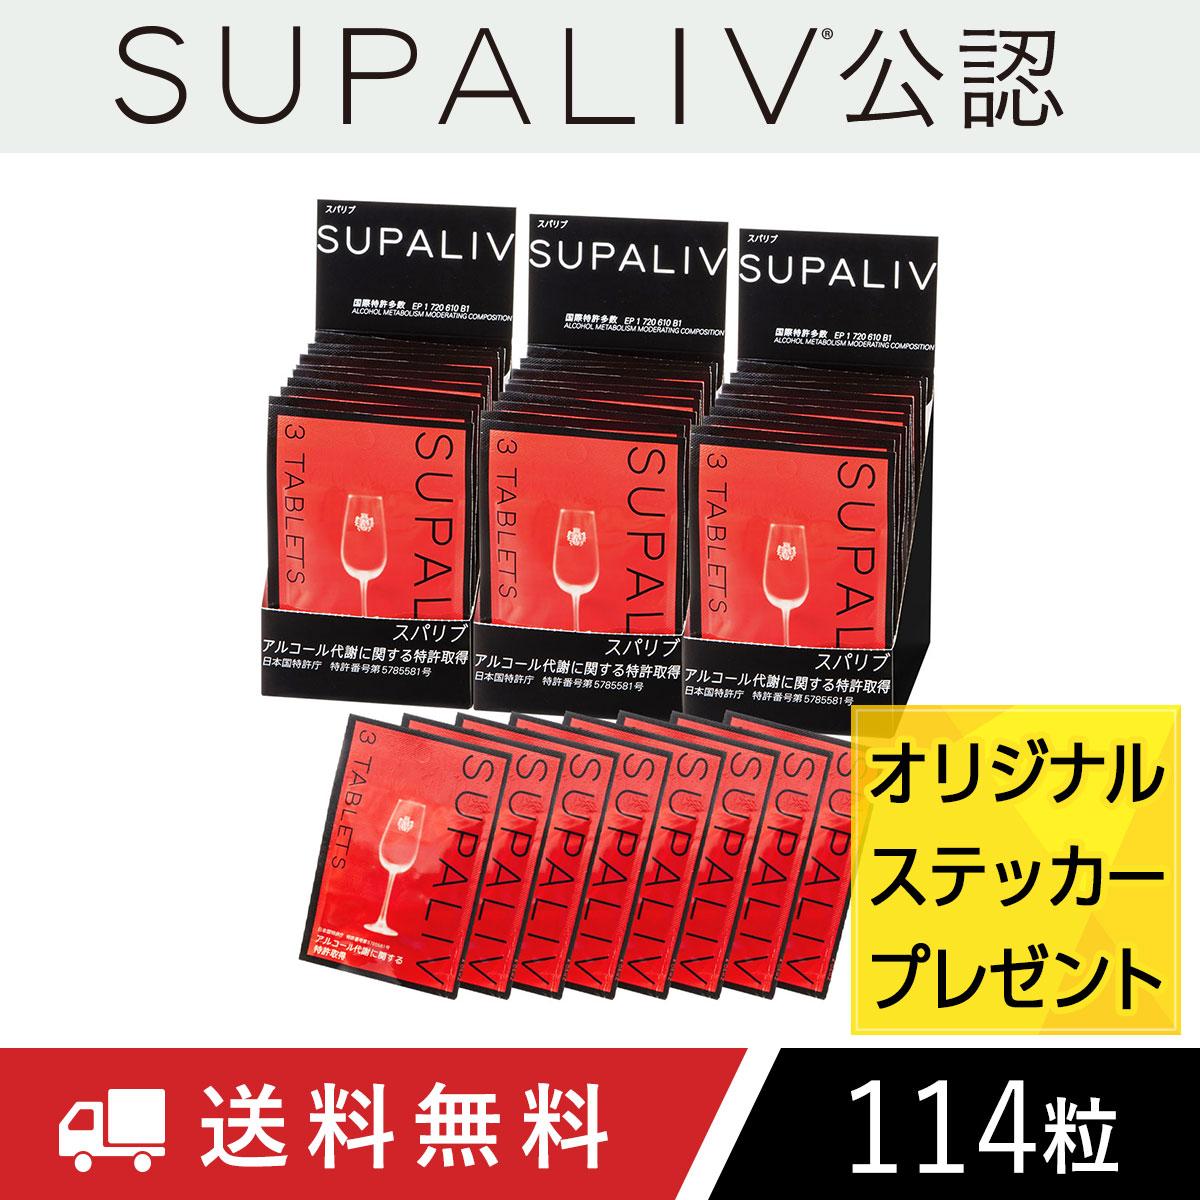 【数量限定】スパリブ(SUPALIV) 3粒入38袋